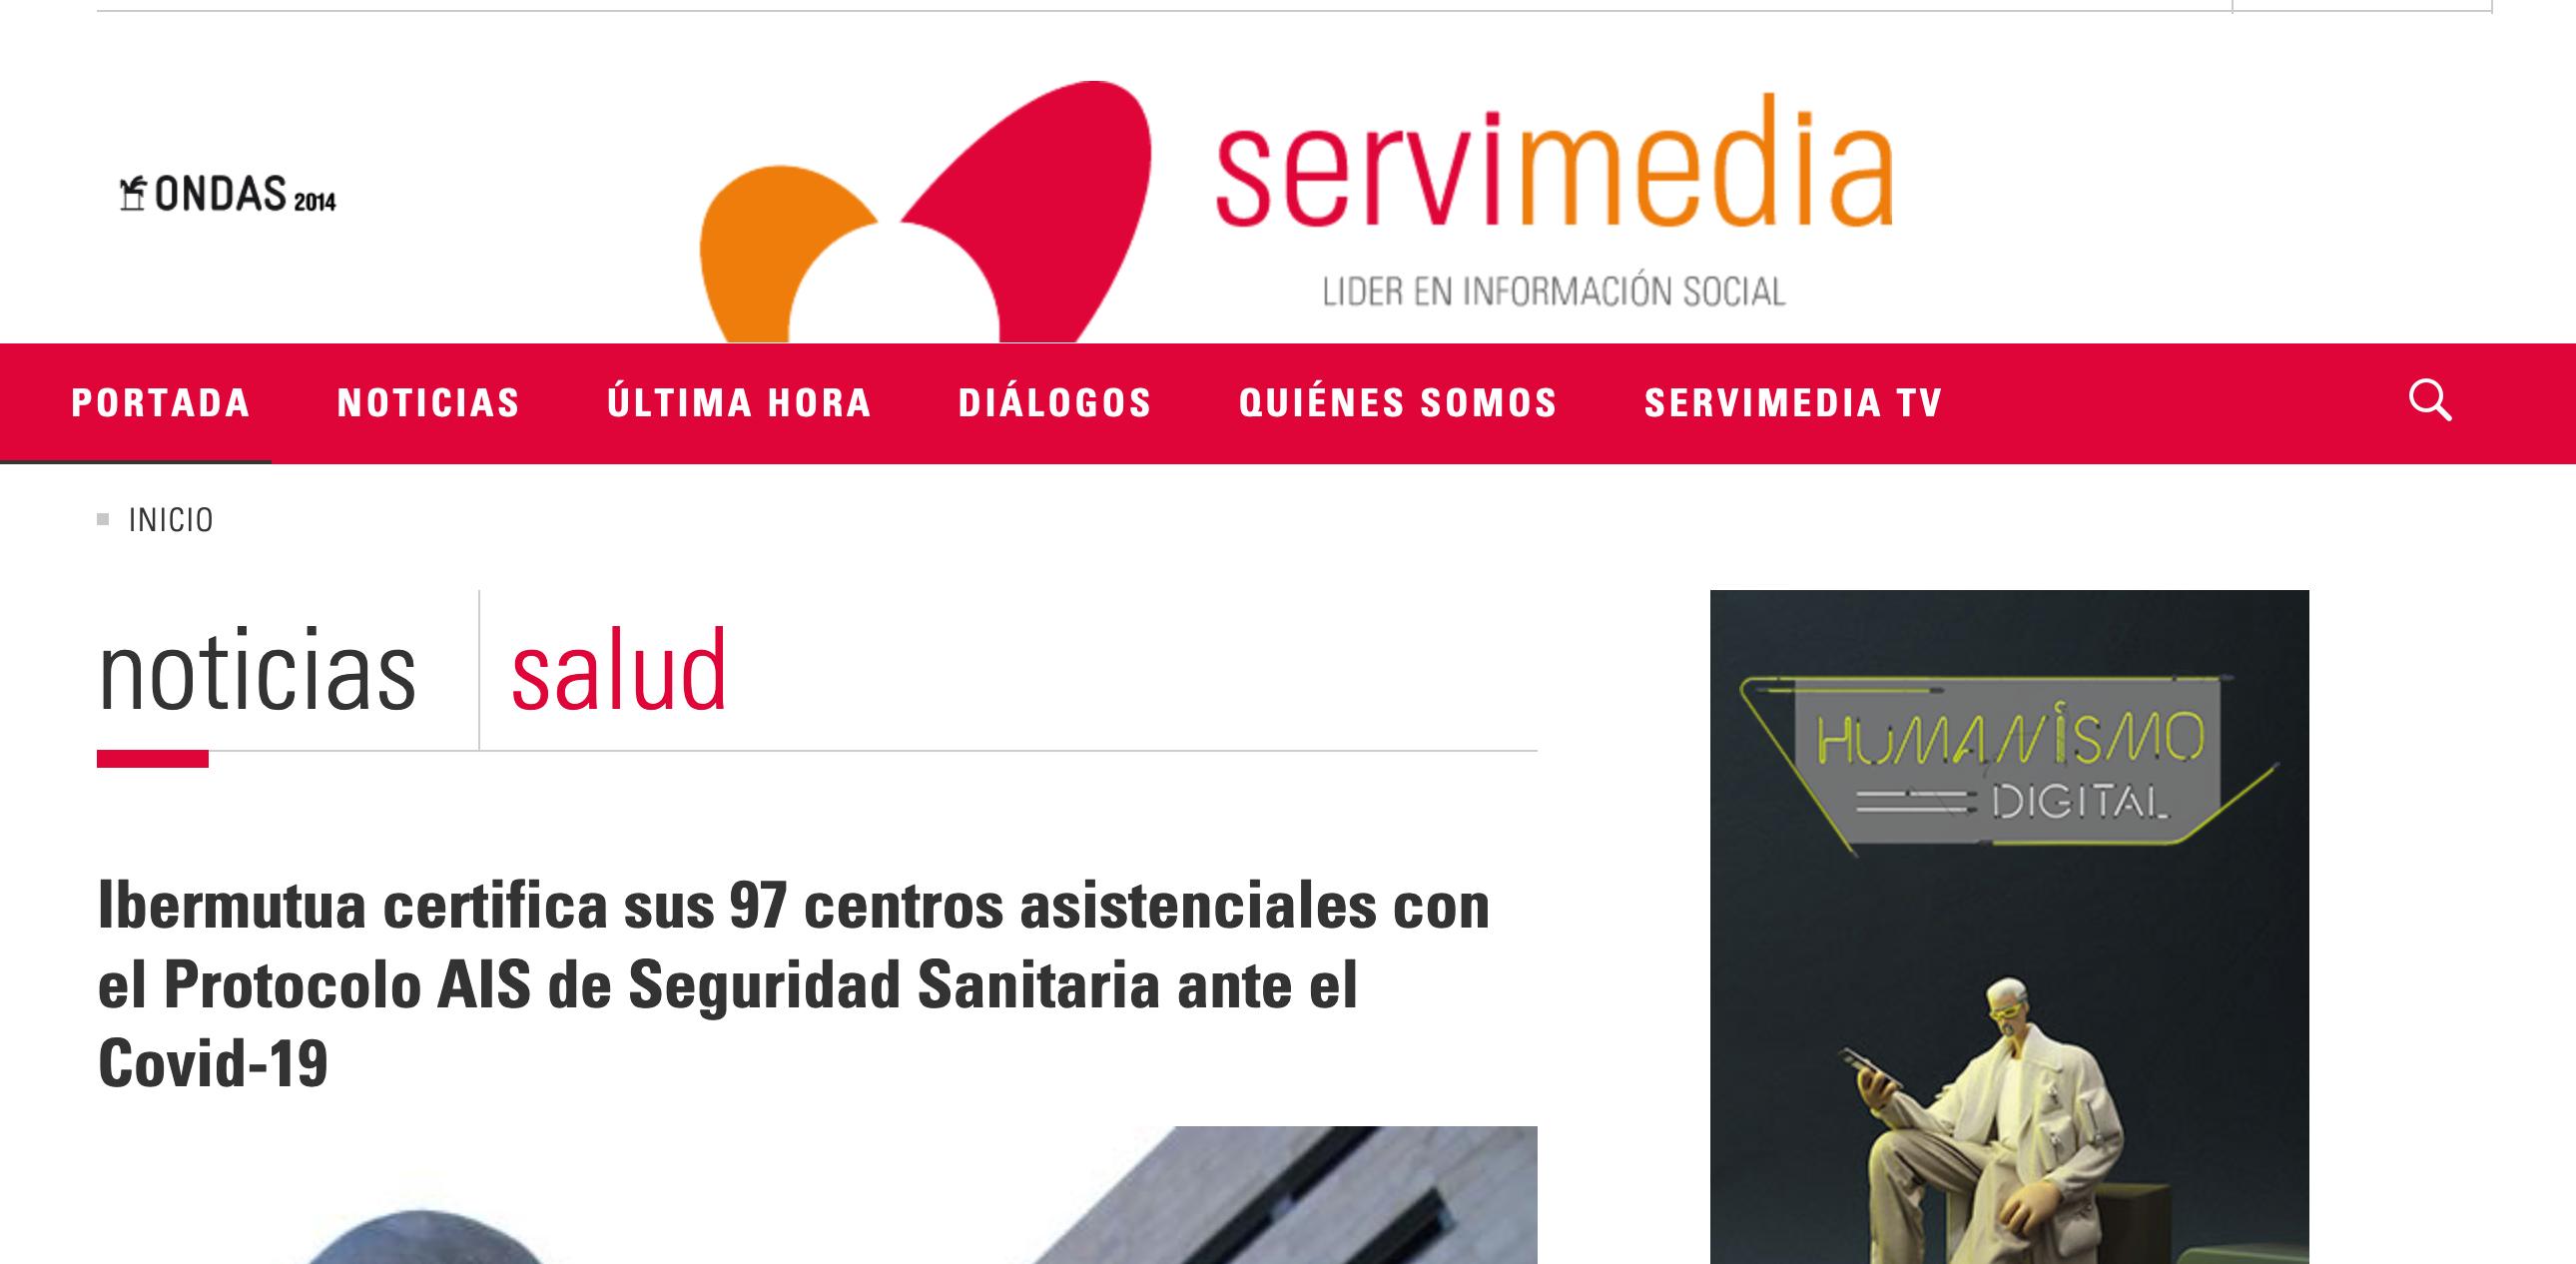 Captura de noticia sobre Ibermutua en Servimedia